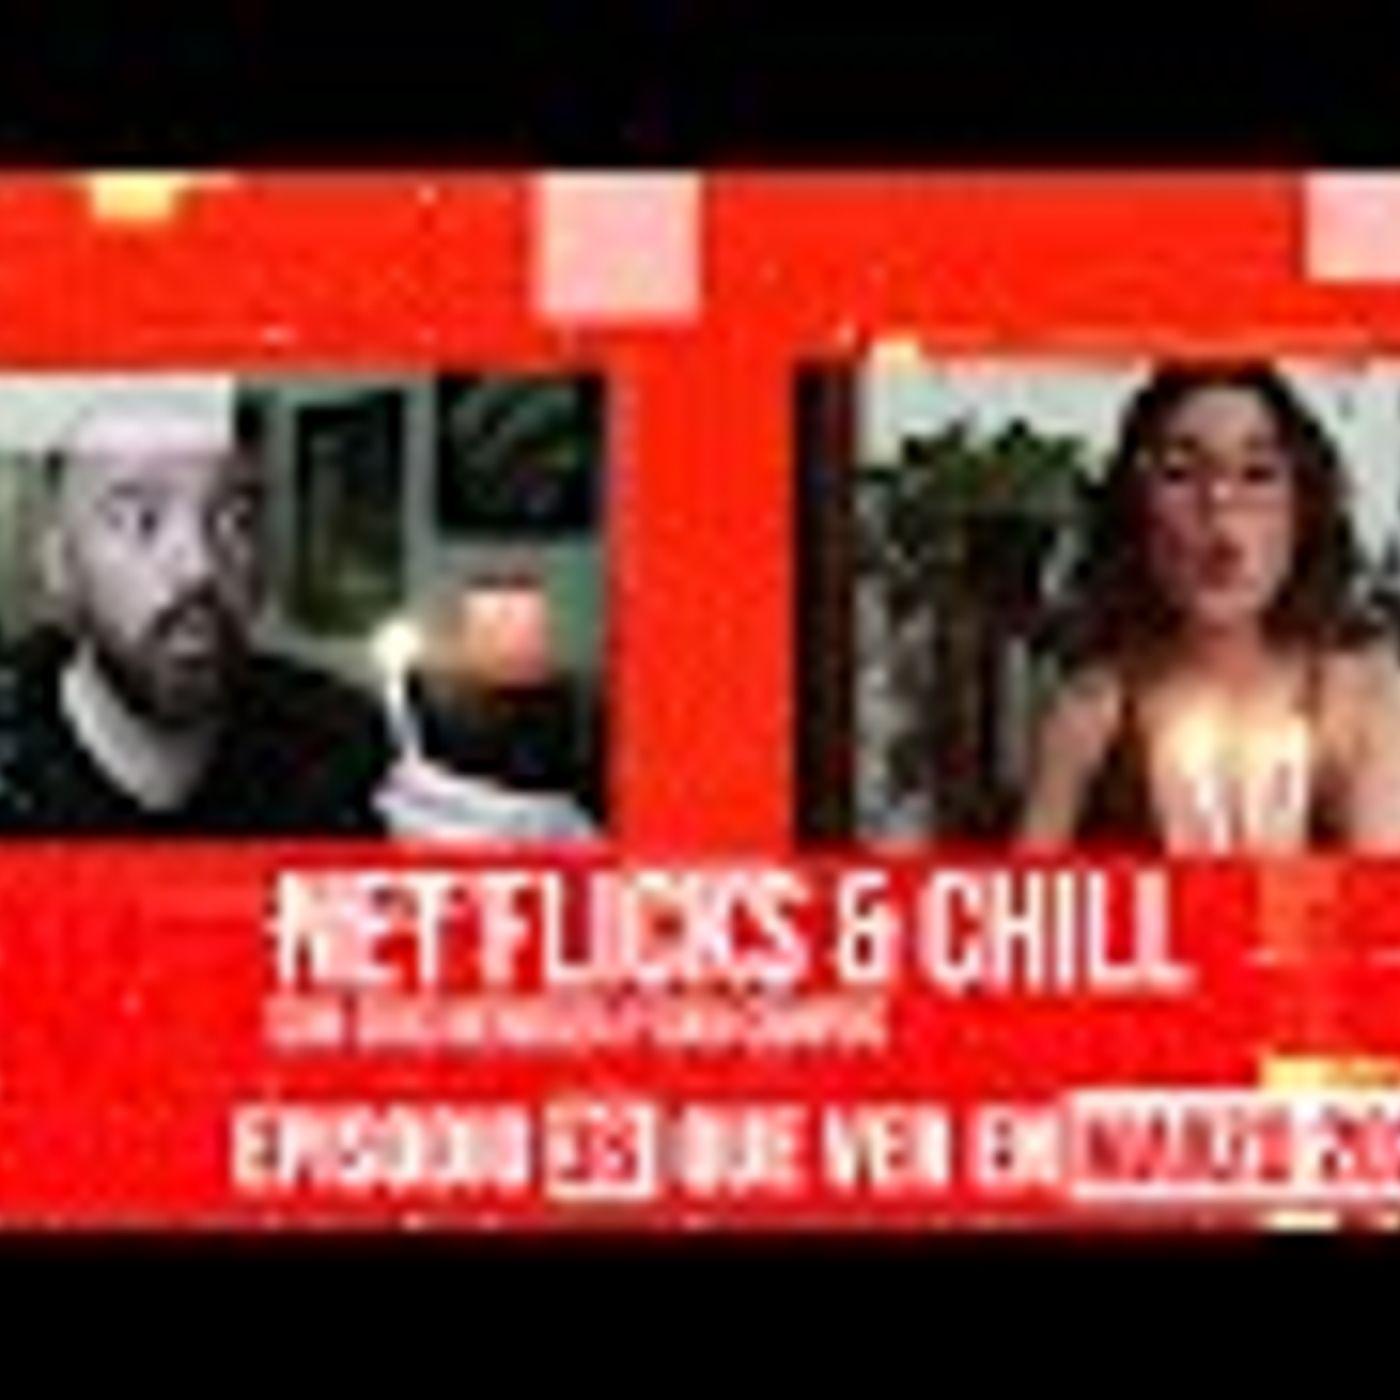 Net Flicks and Chill 36 - Recomendaciones de Streaming para Marzo 2020